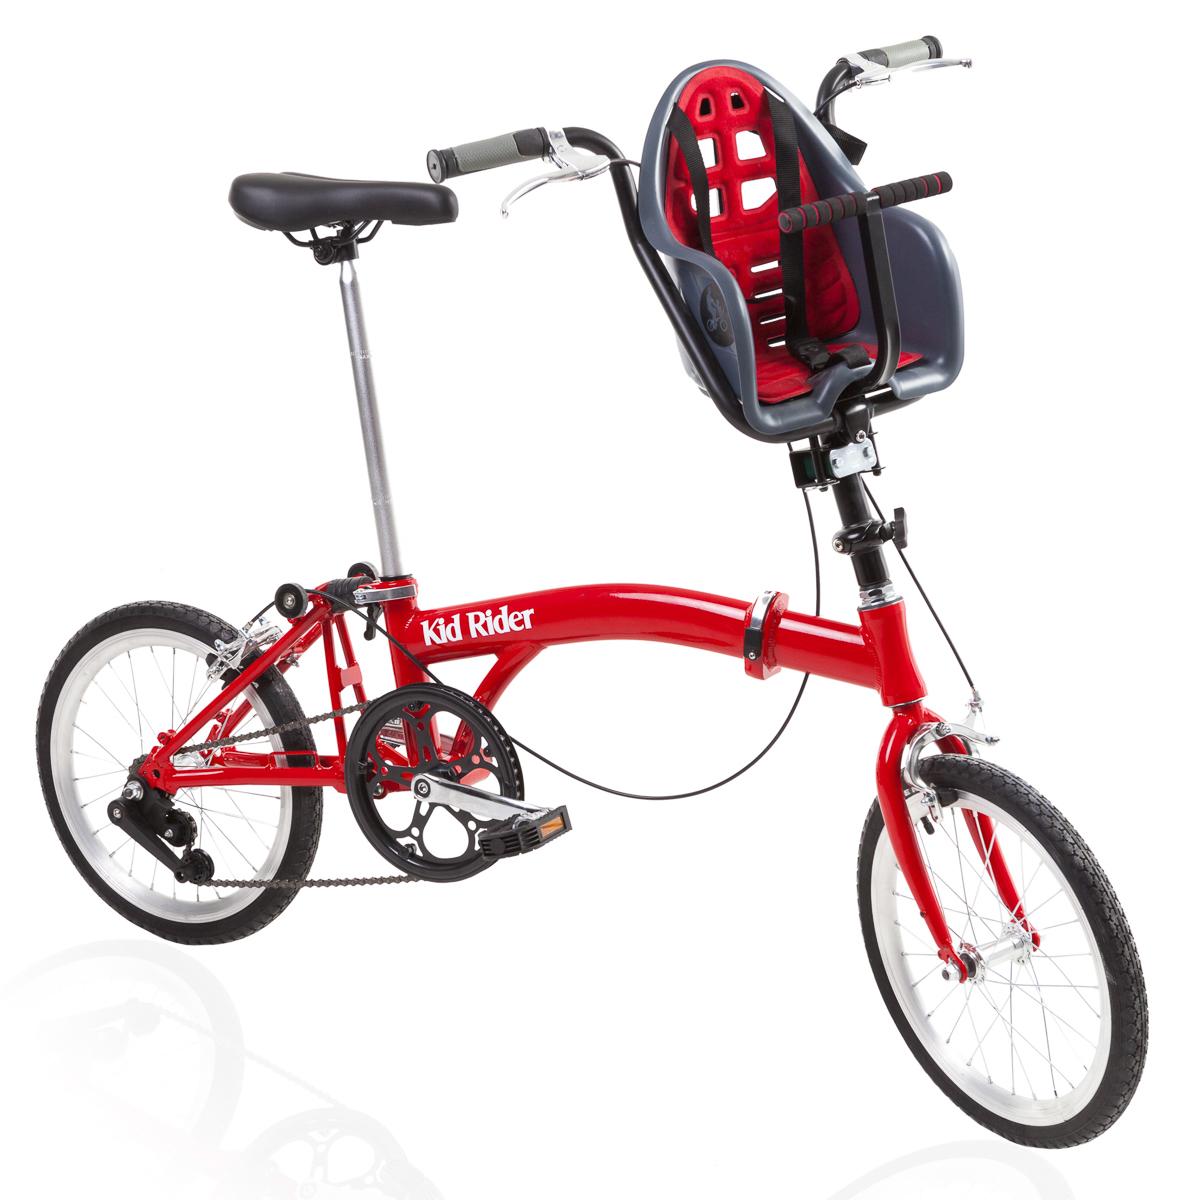 Fotografía producto bicicletas Kid Rider